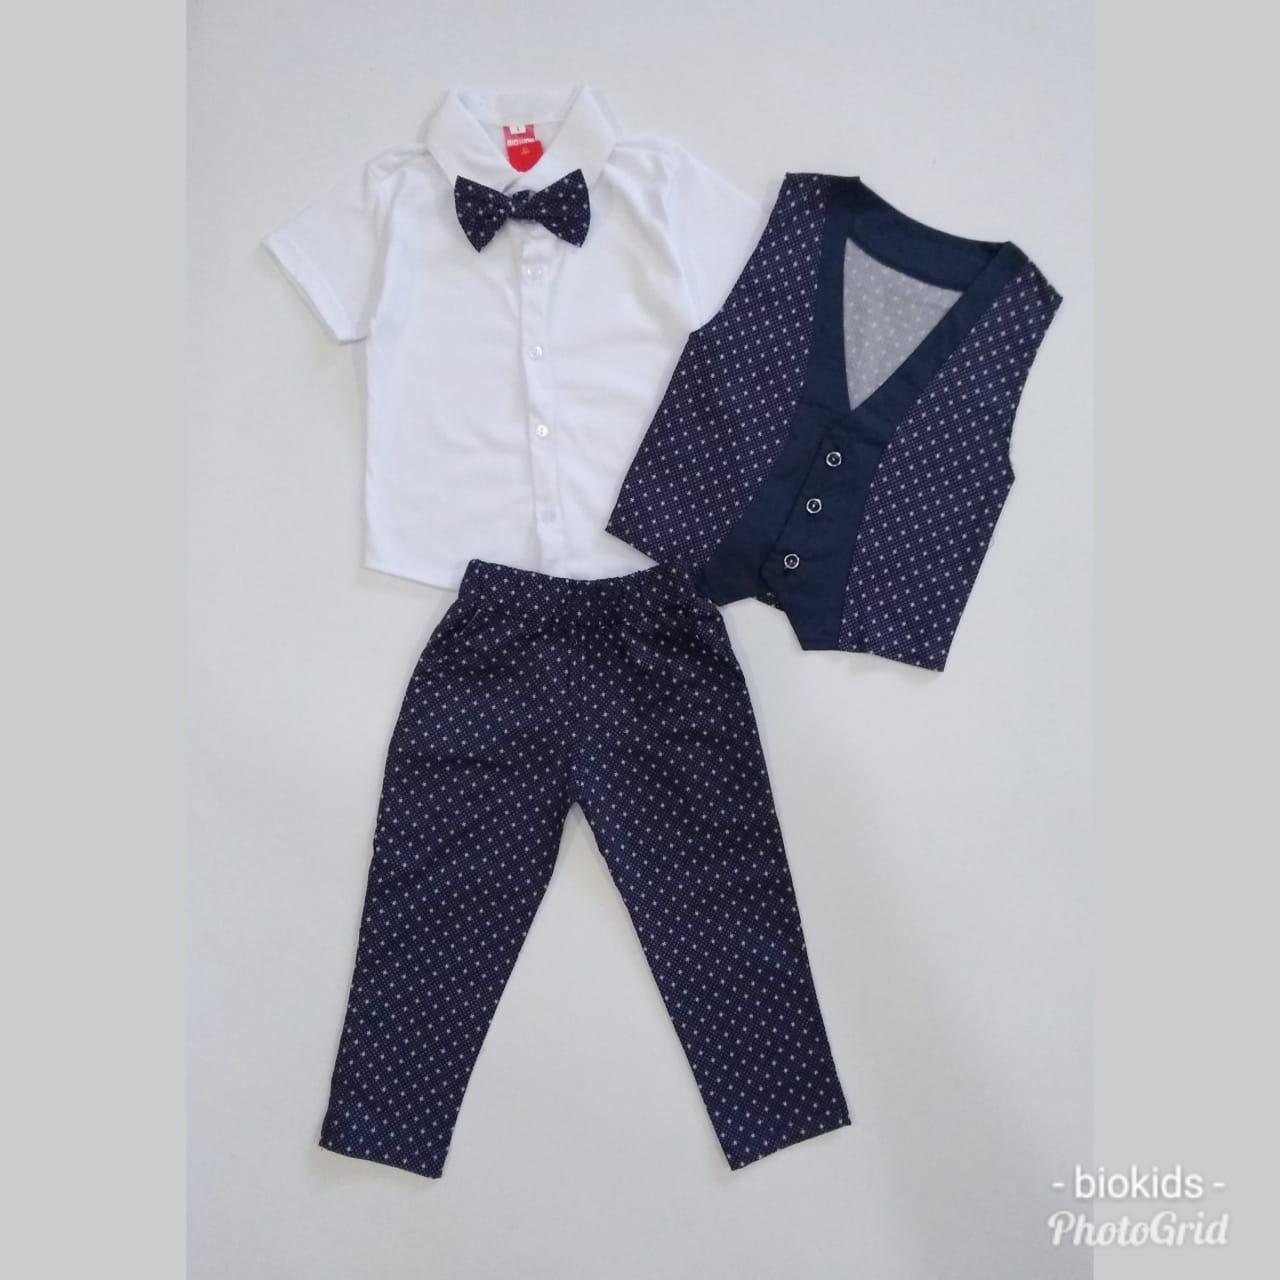 Setelan Tuxedo Anak Cowok 4 In 1 steward - Rompi Anak Formal - Baju Pesta 1